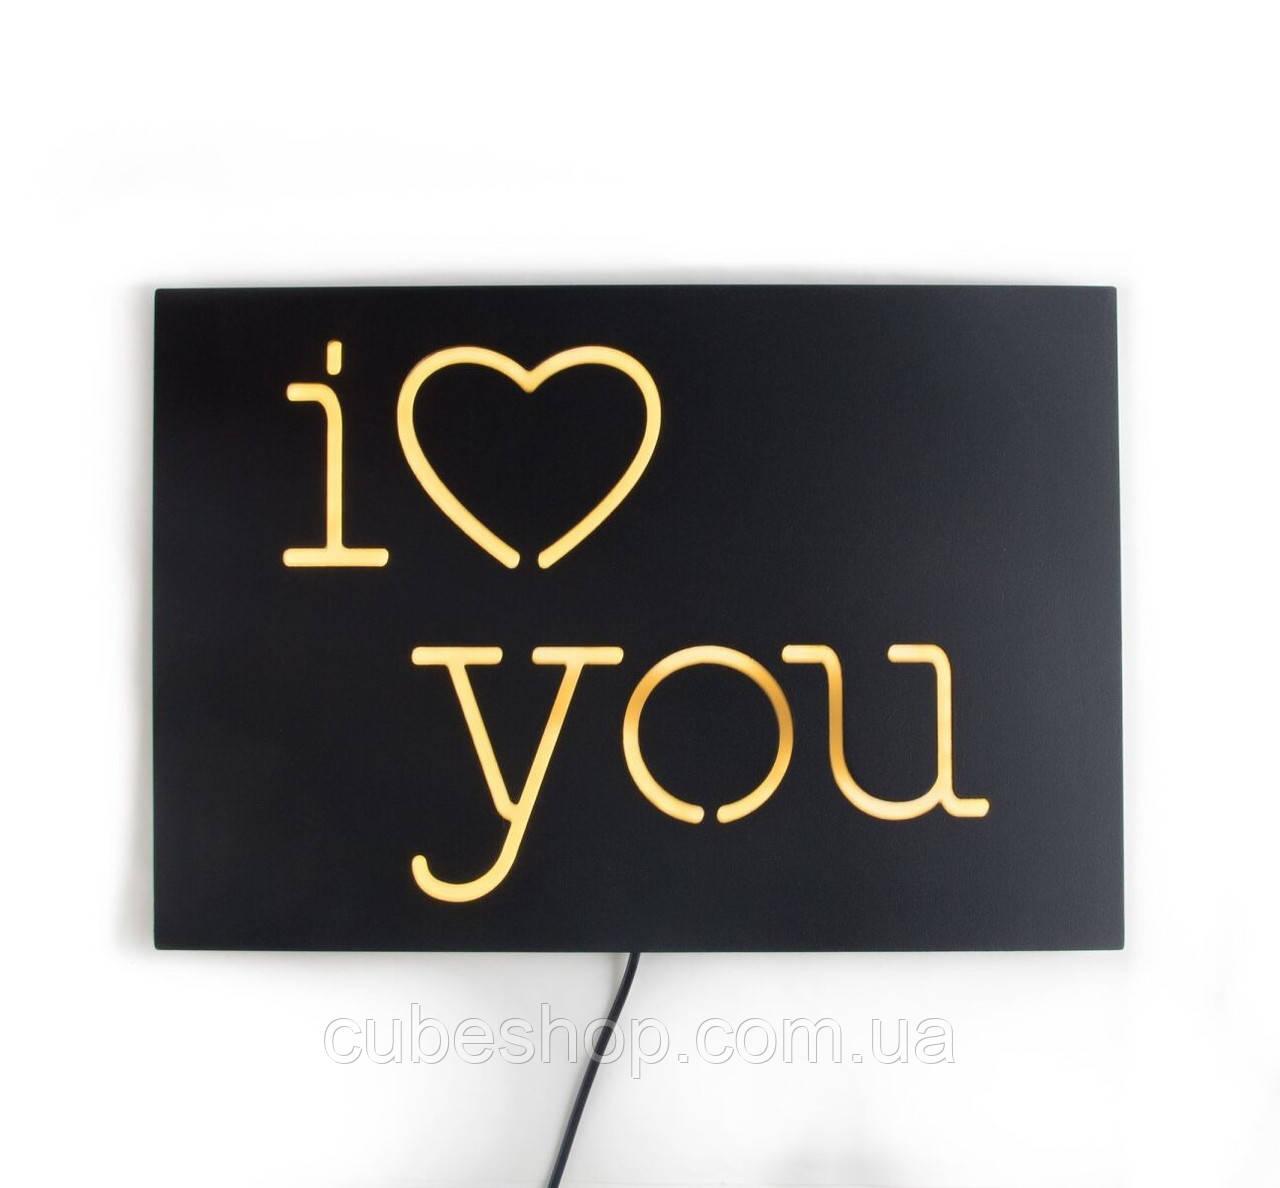 Настенная Led вывеска «I love you»